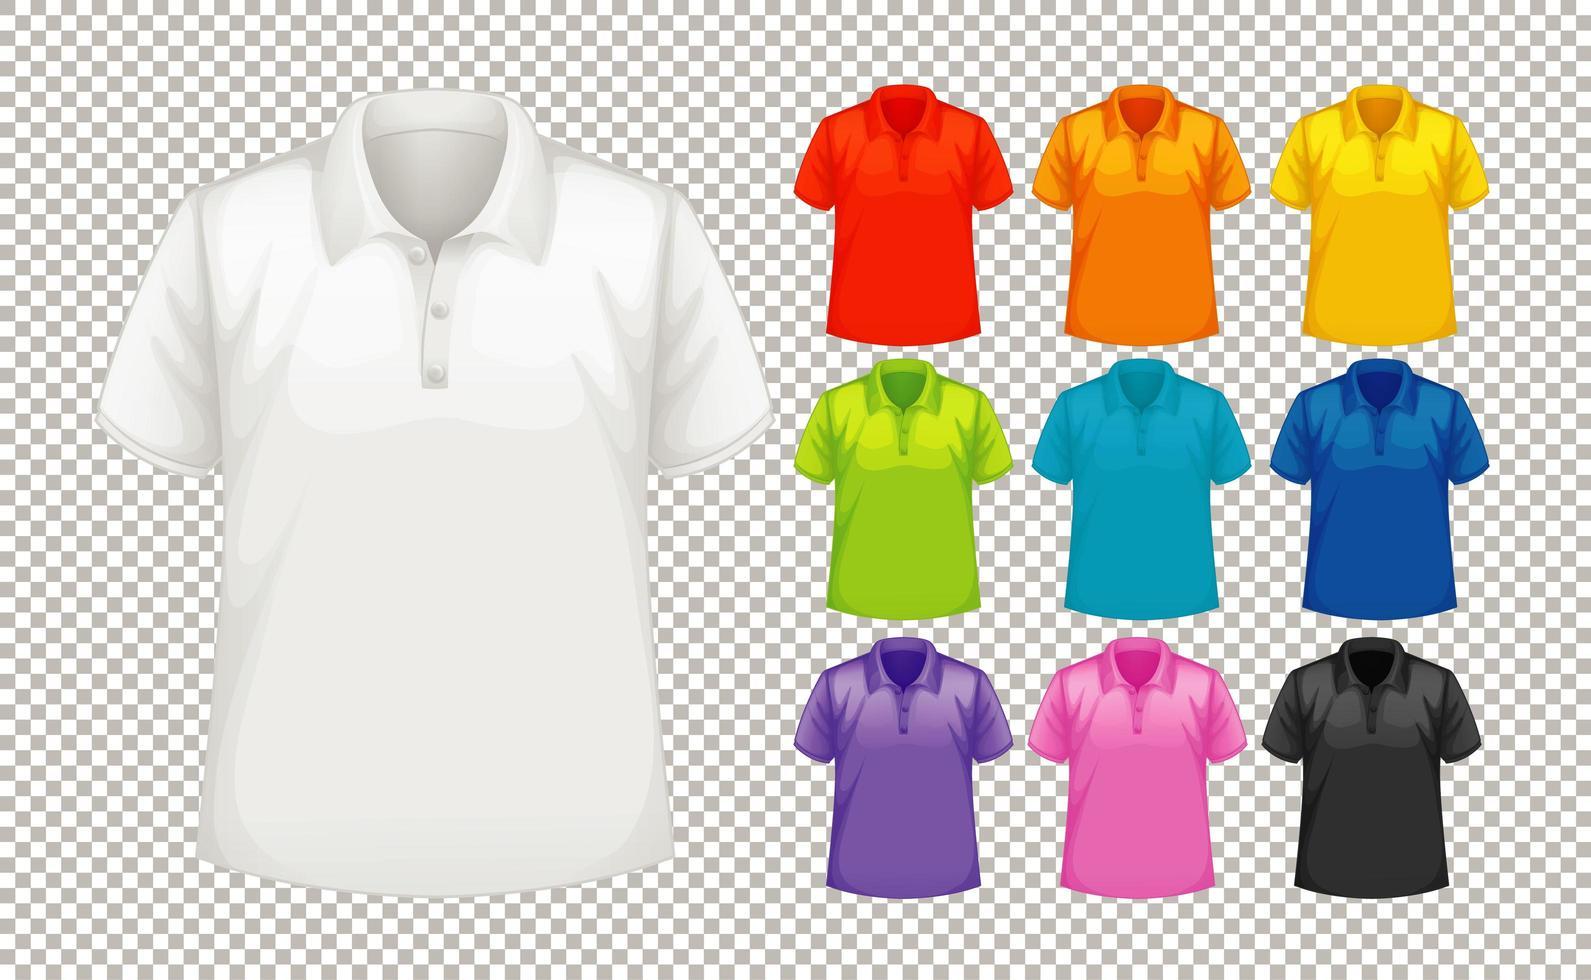 ensemble de différents types de chemise de différentes couleurs vecteur